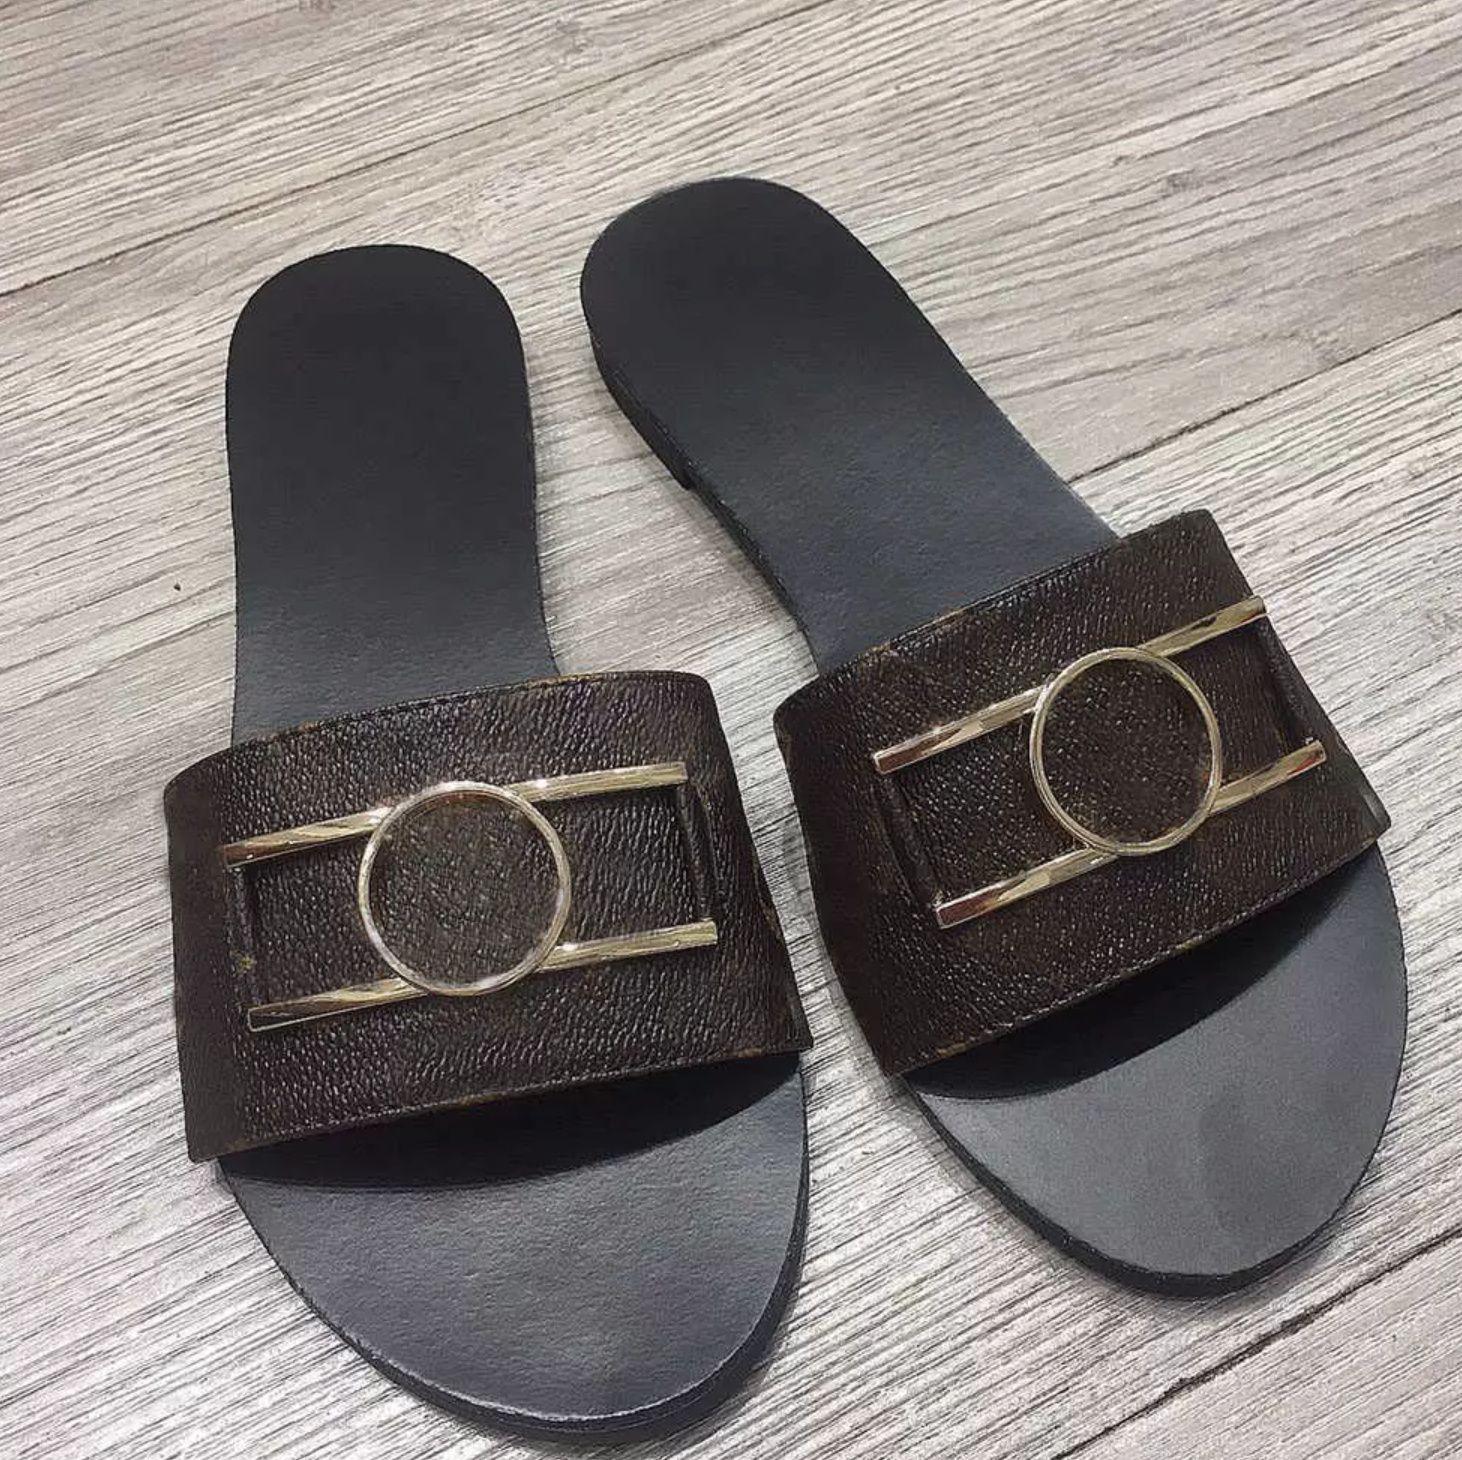 En kaliteli lüks tasarımcı erkek kadın terlik sandalet ayakkabı slayt yaz moda geniş düz flip flop # 5